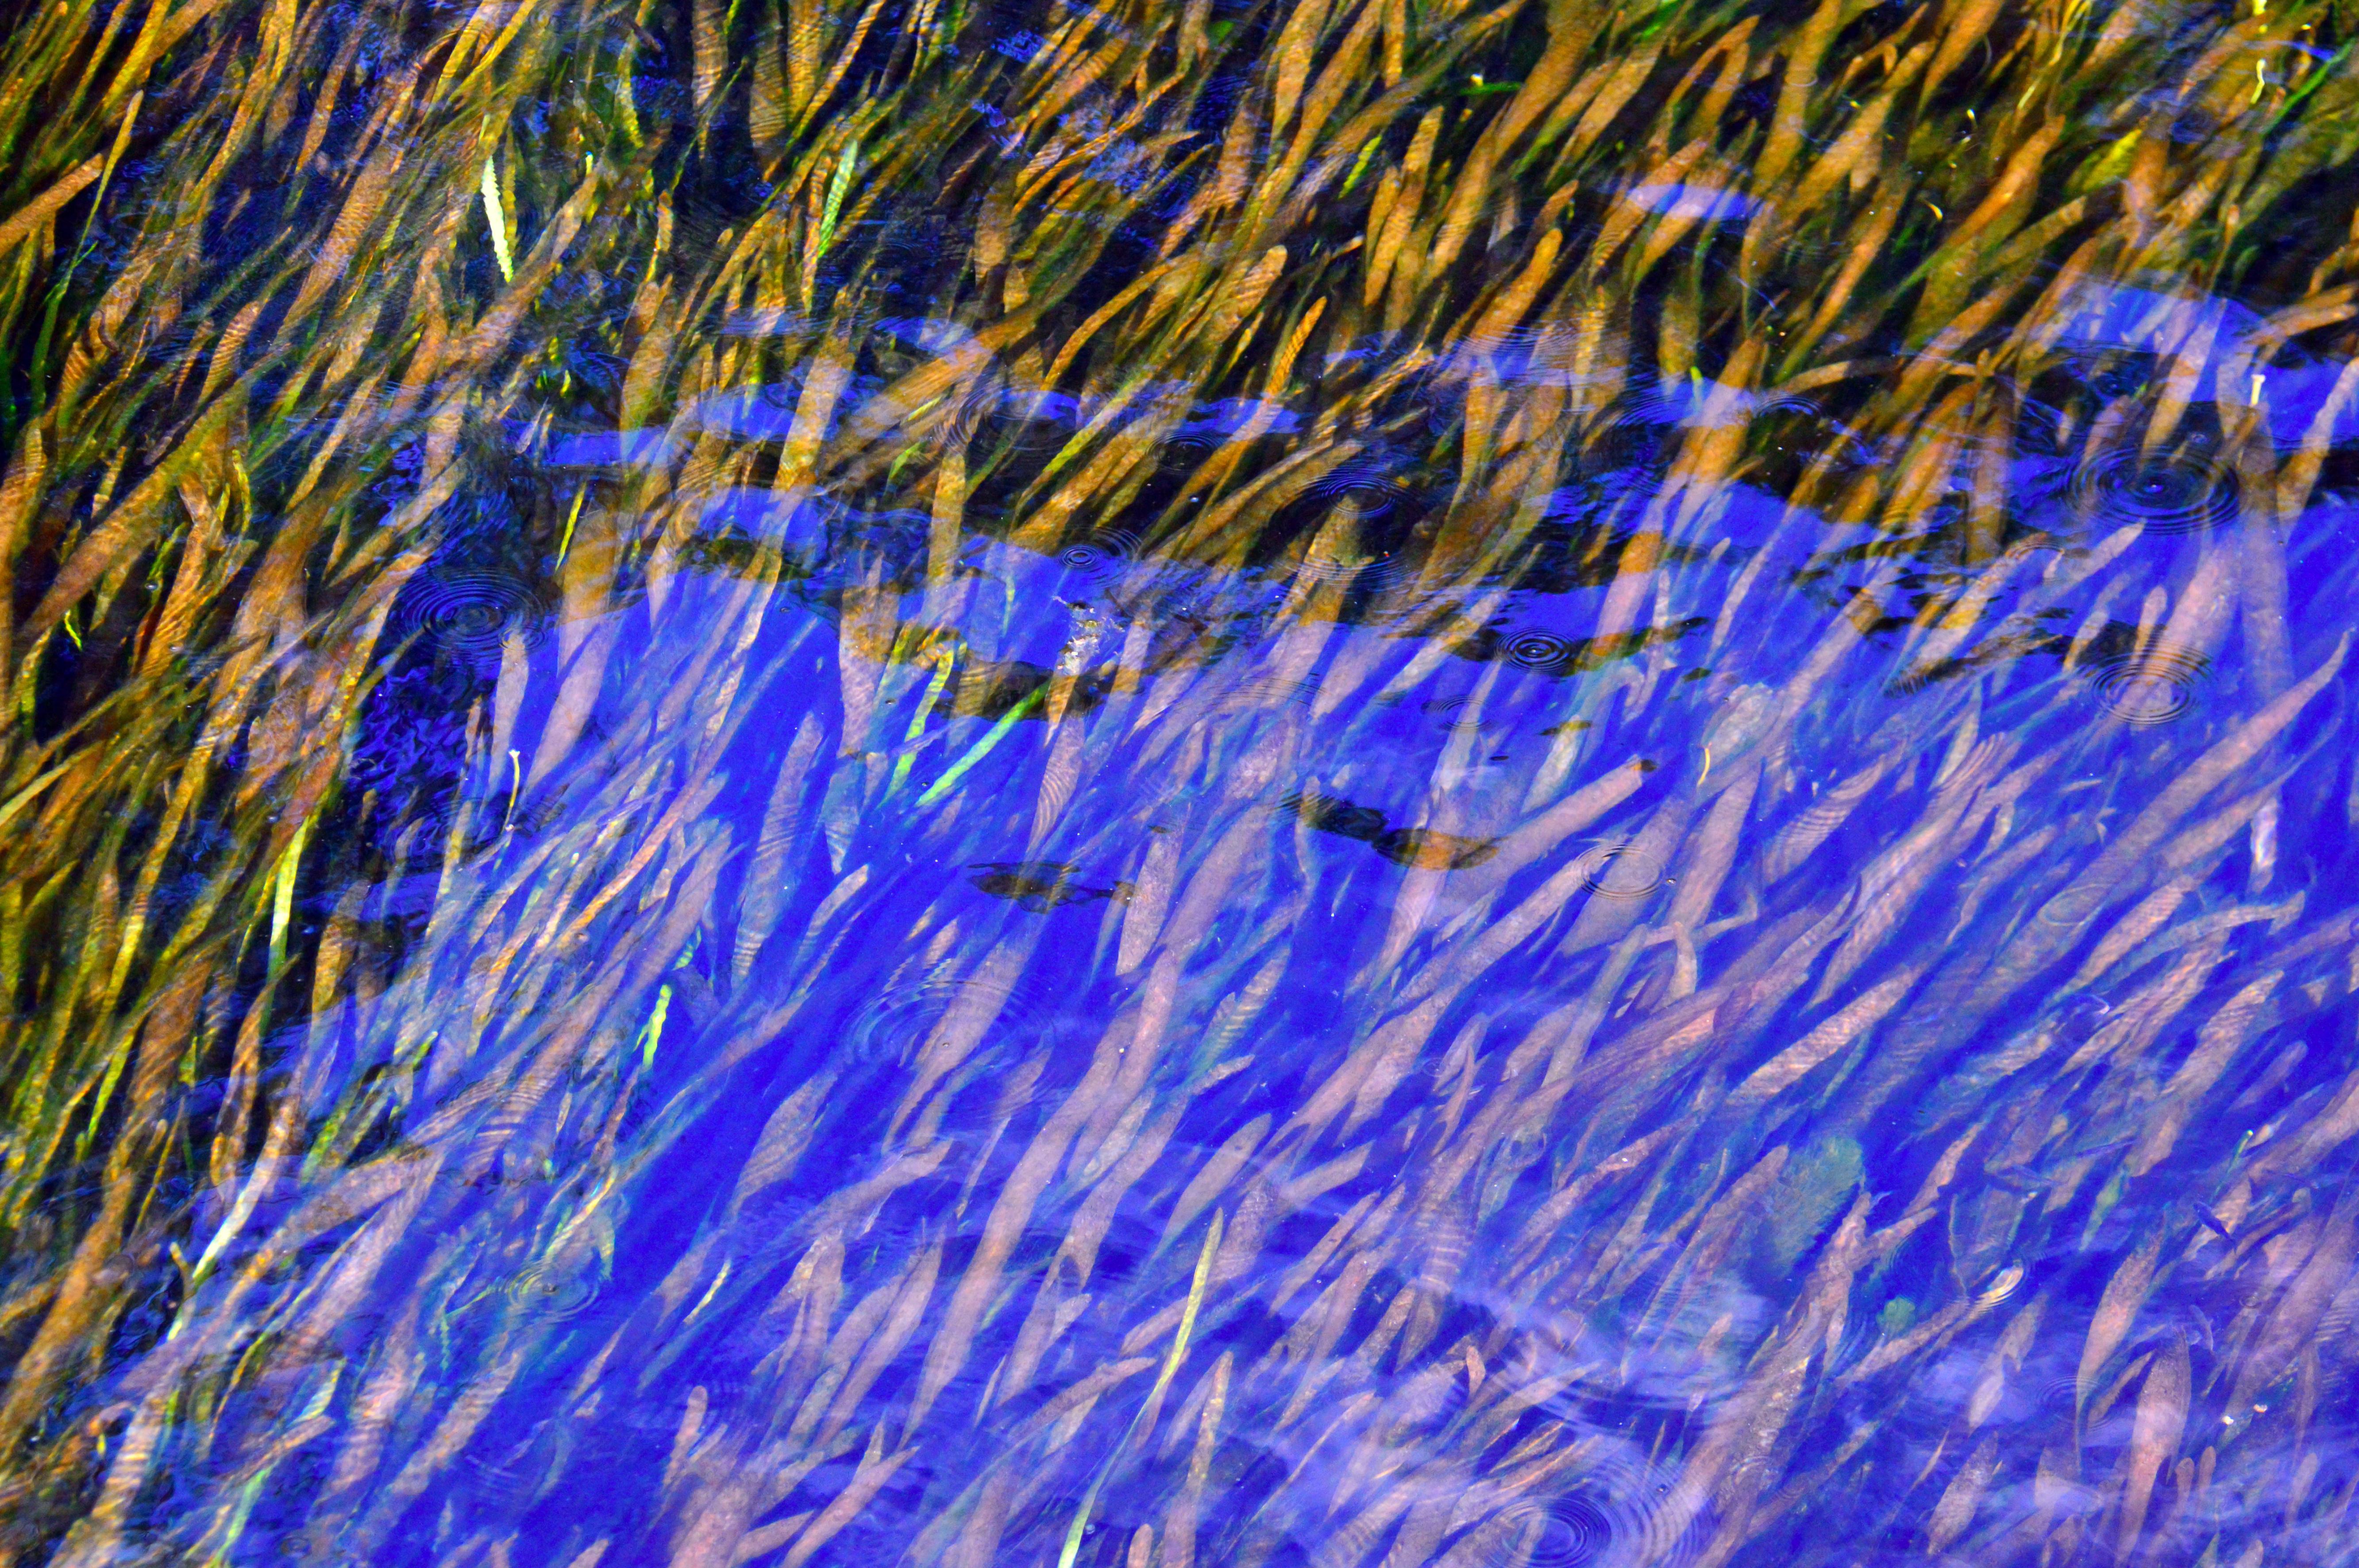 Kostenlose Foto : Muster, Abstrakt, Textur, Tapete, Farbe, Kunst, Entwurf,  Illustration, Bunt, Hintergrund, Hell, Blau, Grafik, Licht, Platz, Modern,  ...